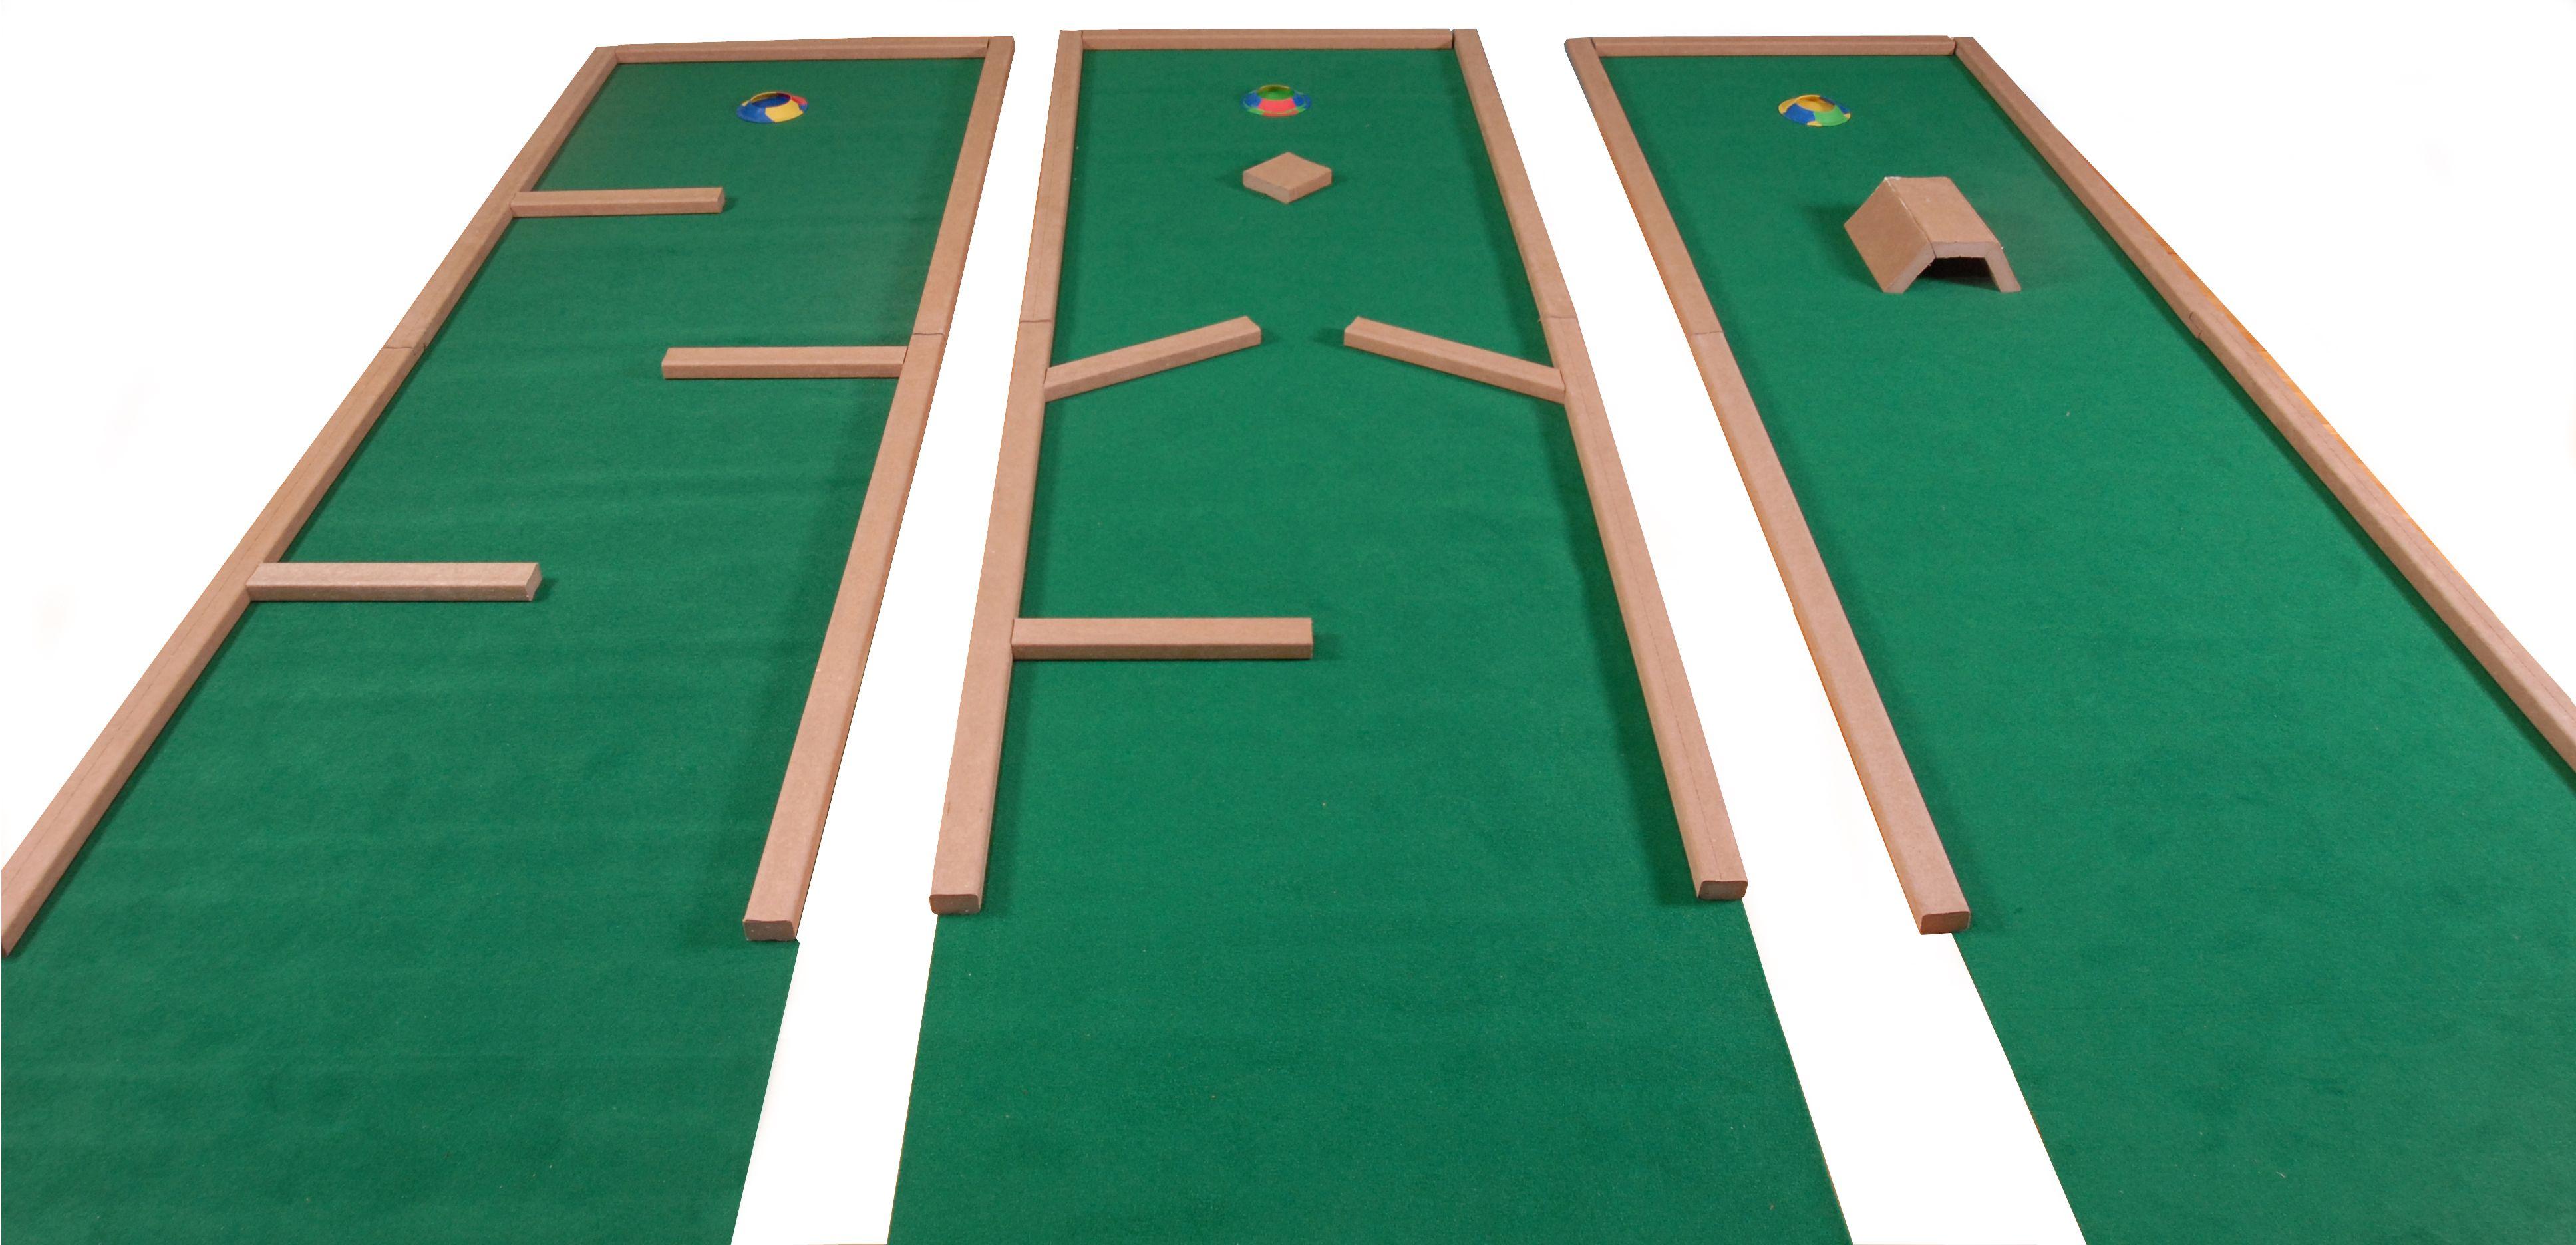 Homemade Mini Golf Ideas Home Par Putt Miniature Golf 9 Hole Set Mini Golf Set Outdoor Parties Miniature Golf